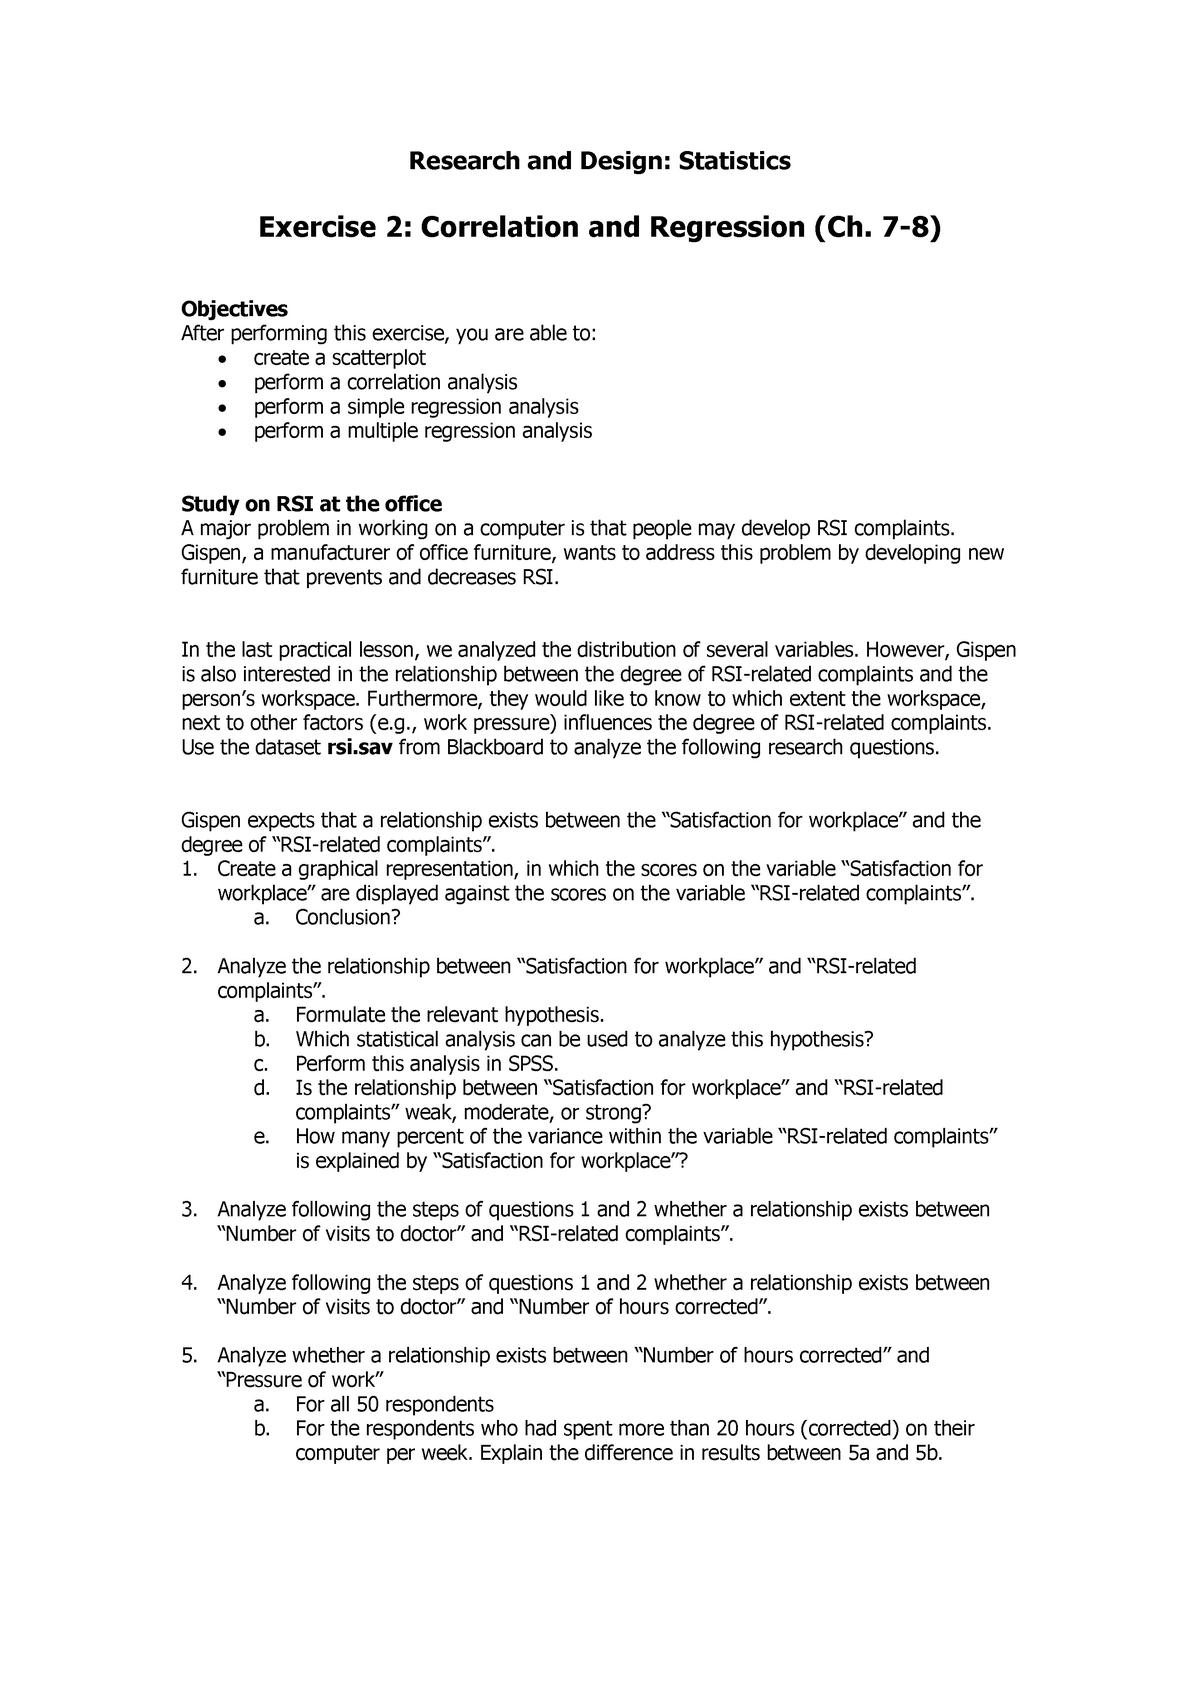 Werkgroep Uitwerkingen - 2 - Vragen En Antwoorden | Research